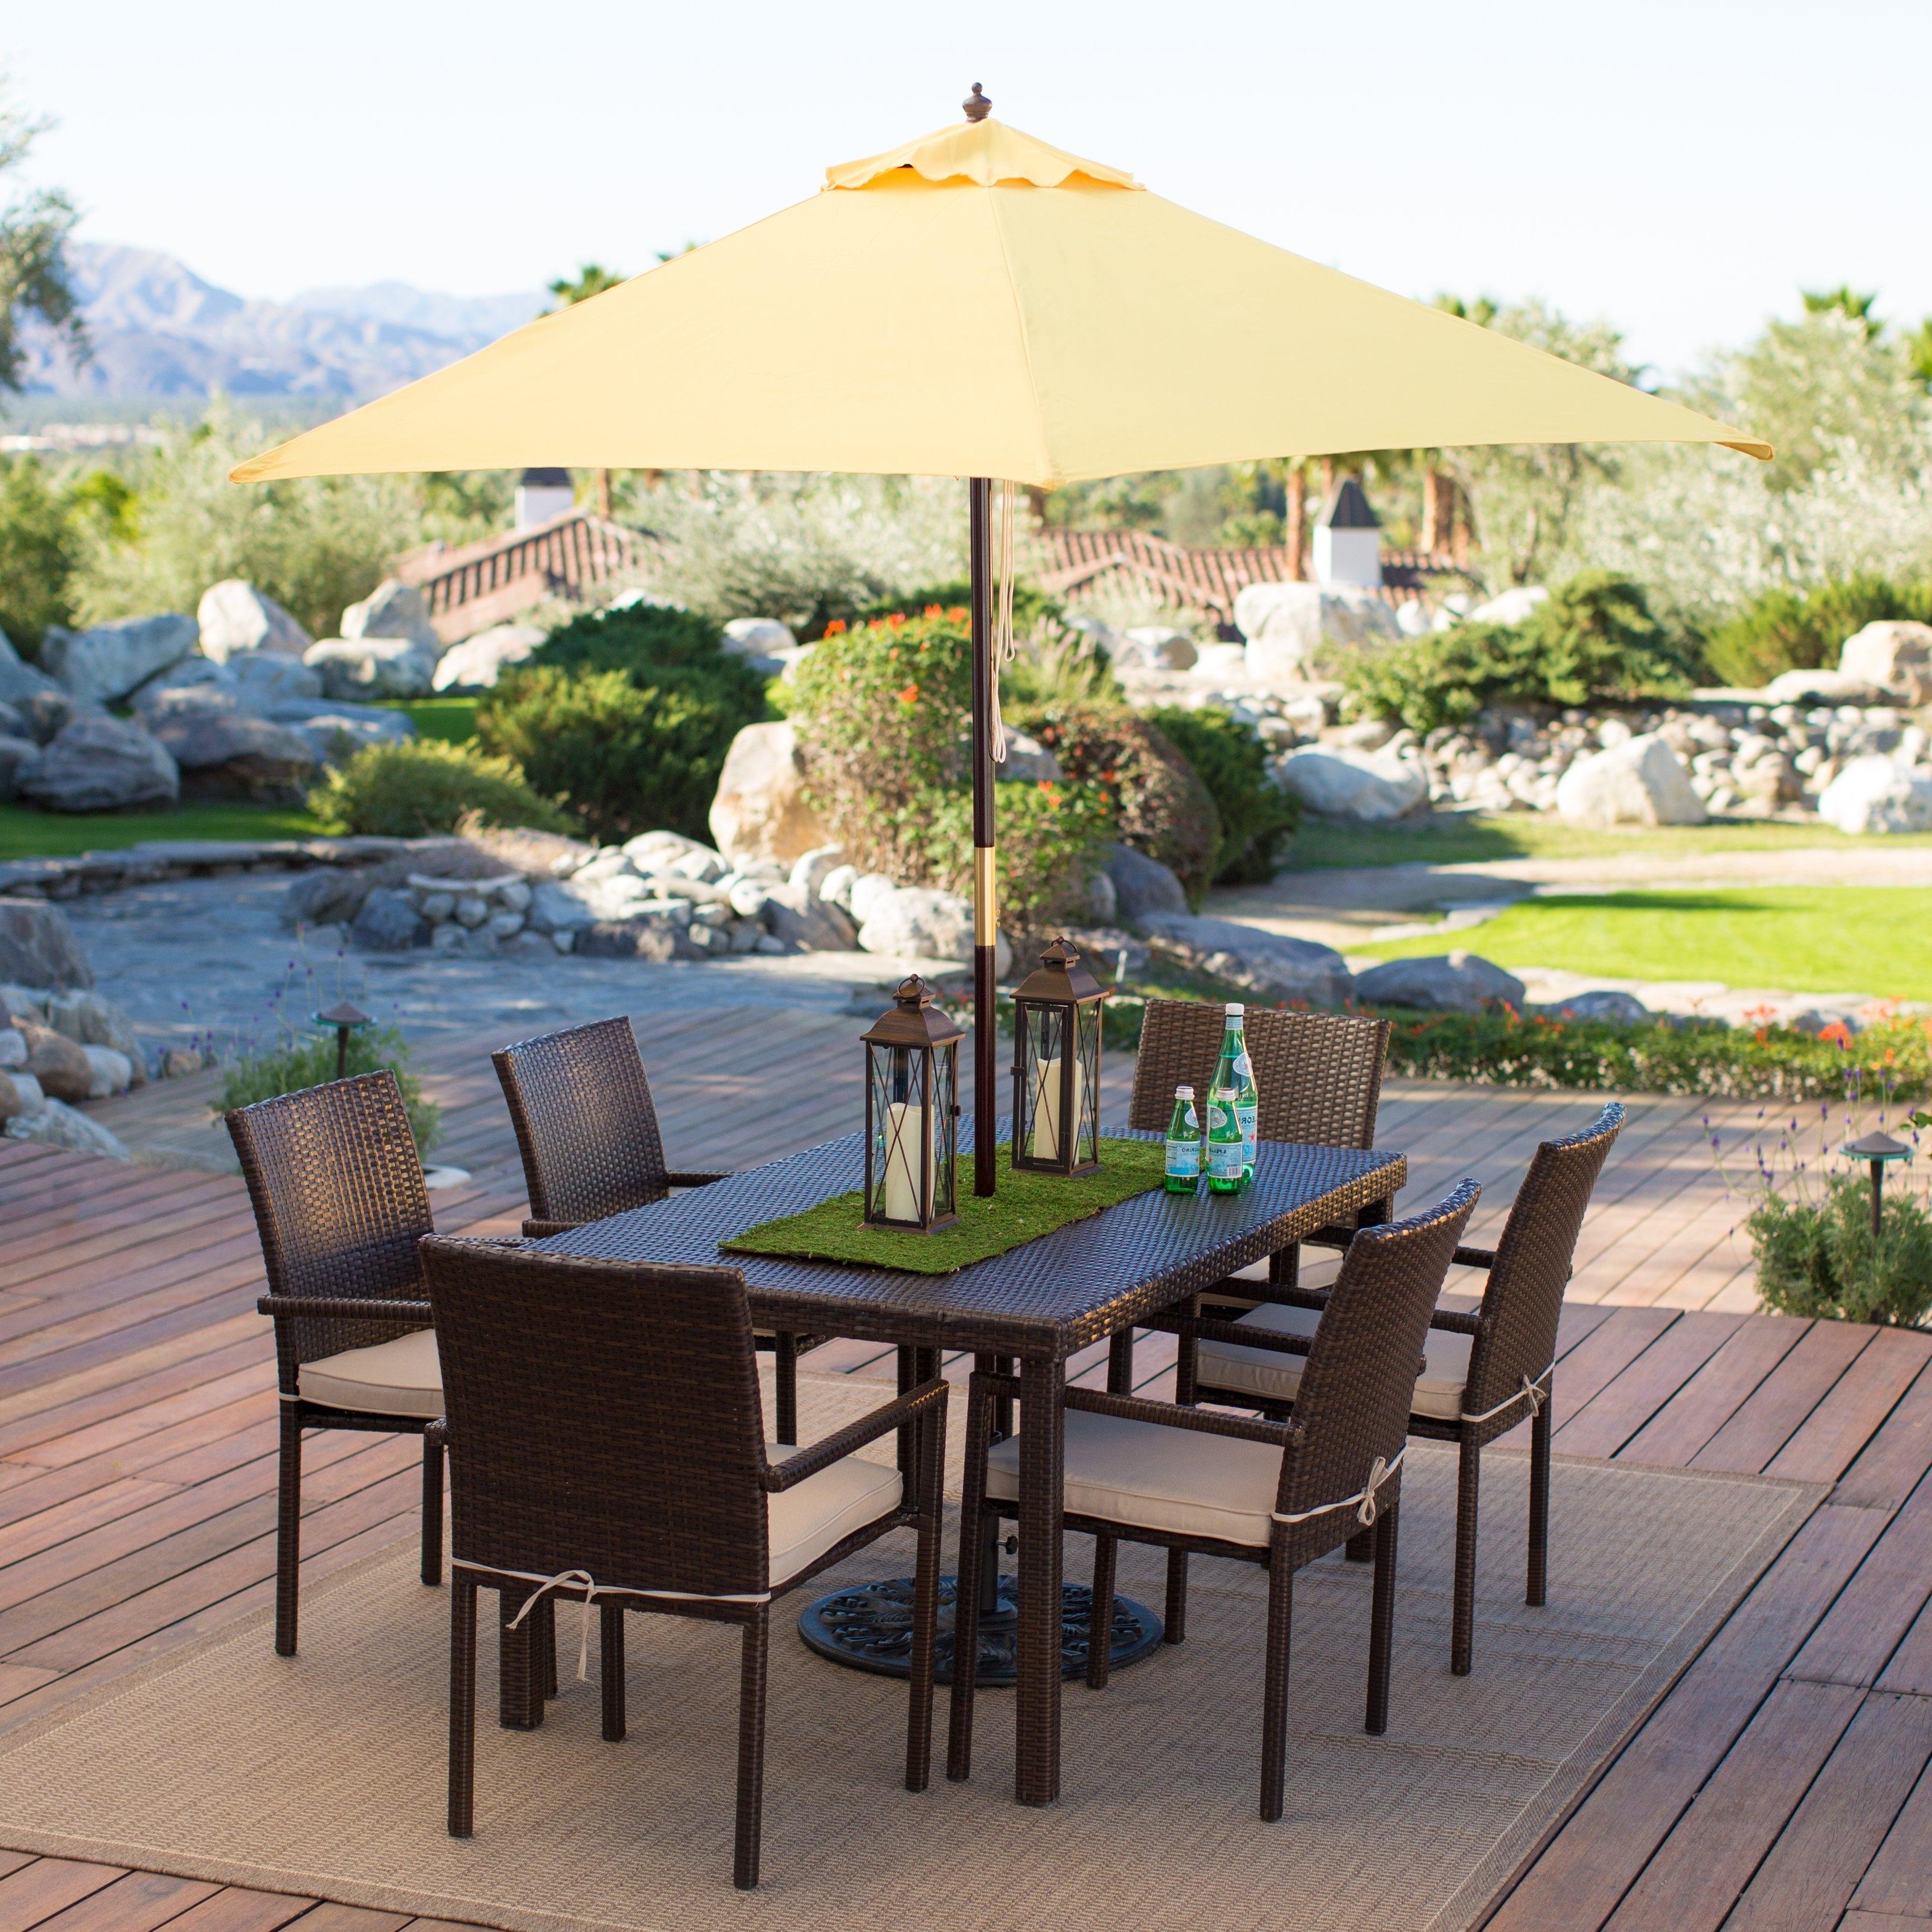 Giant Patio Umbrellas For Famous Garden: Enchanting Outdoor Patio Decor Ideas With Patio Umbrellas (View 8 of 20)